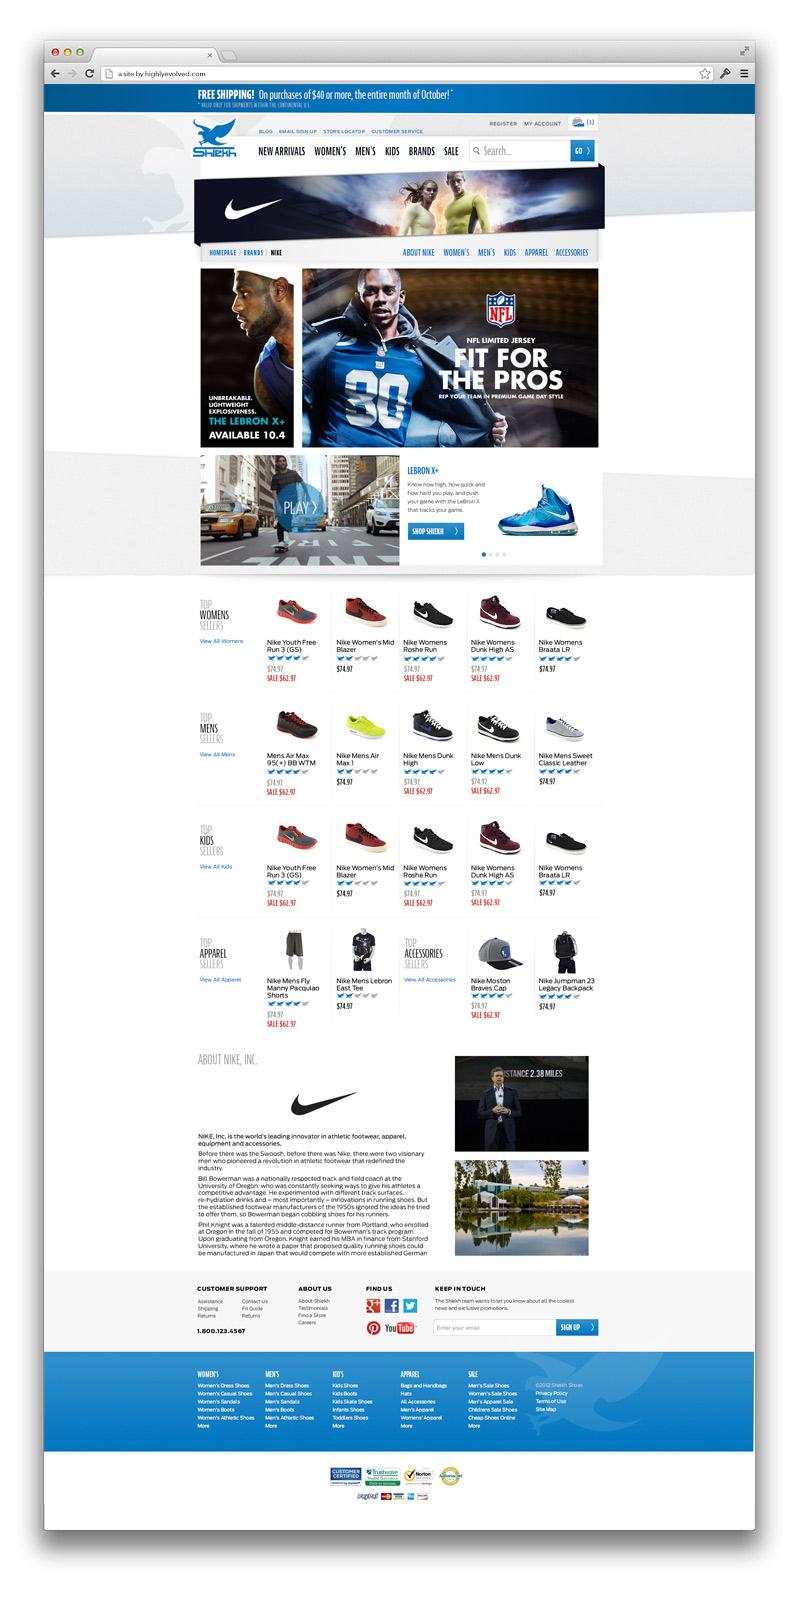 ShiekhShoes.com Premium Brand Landing Page